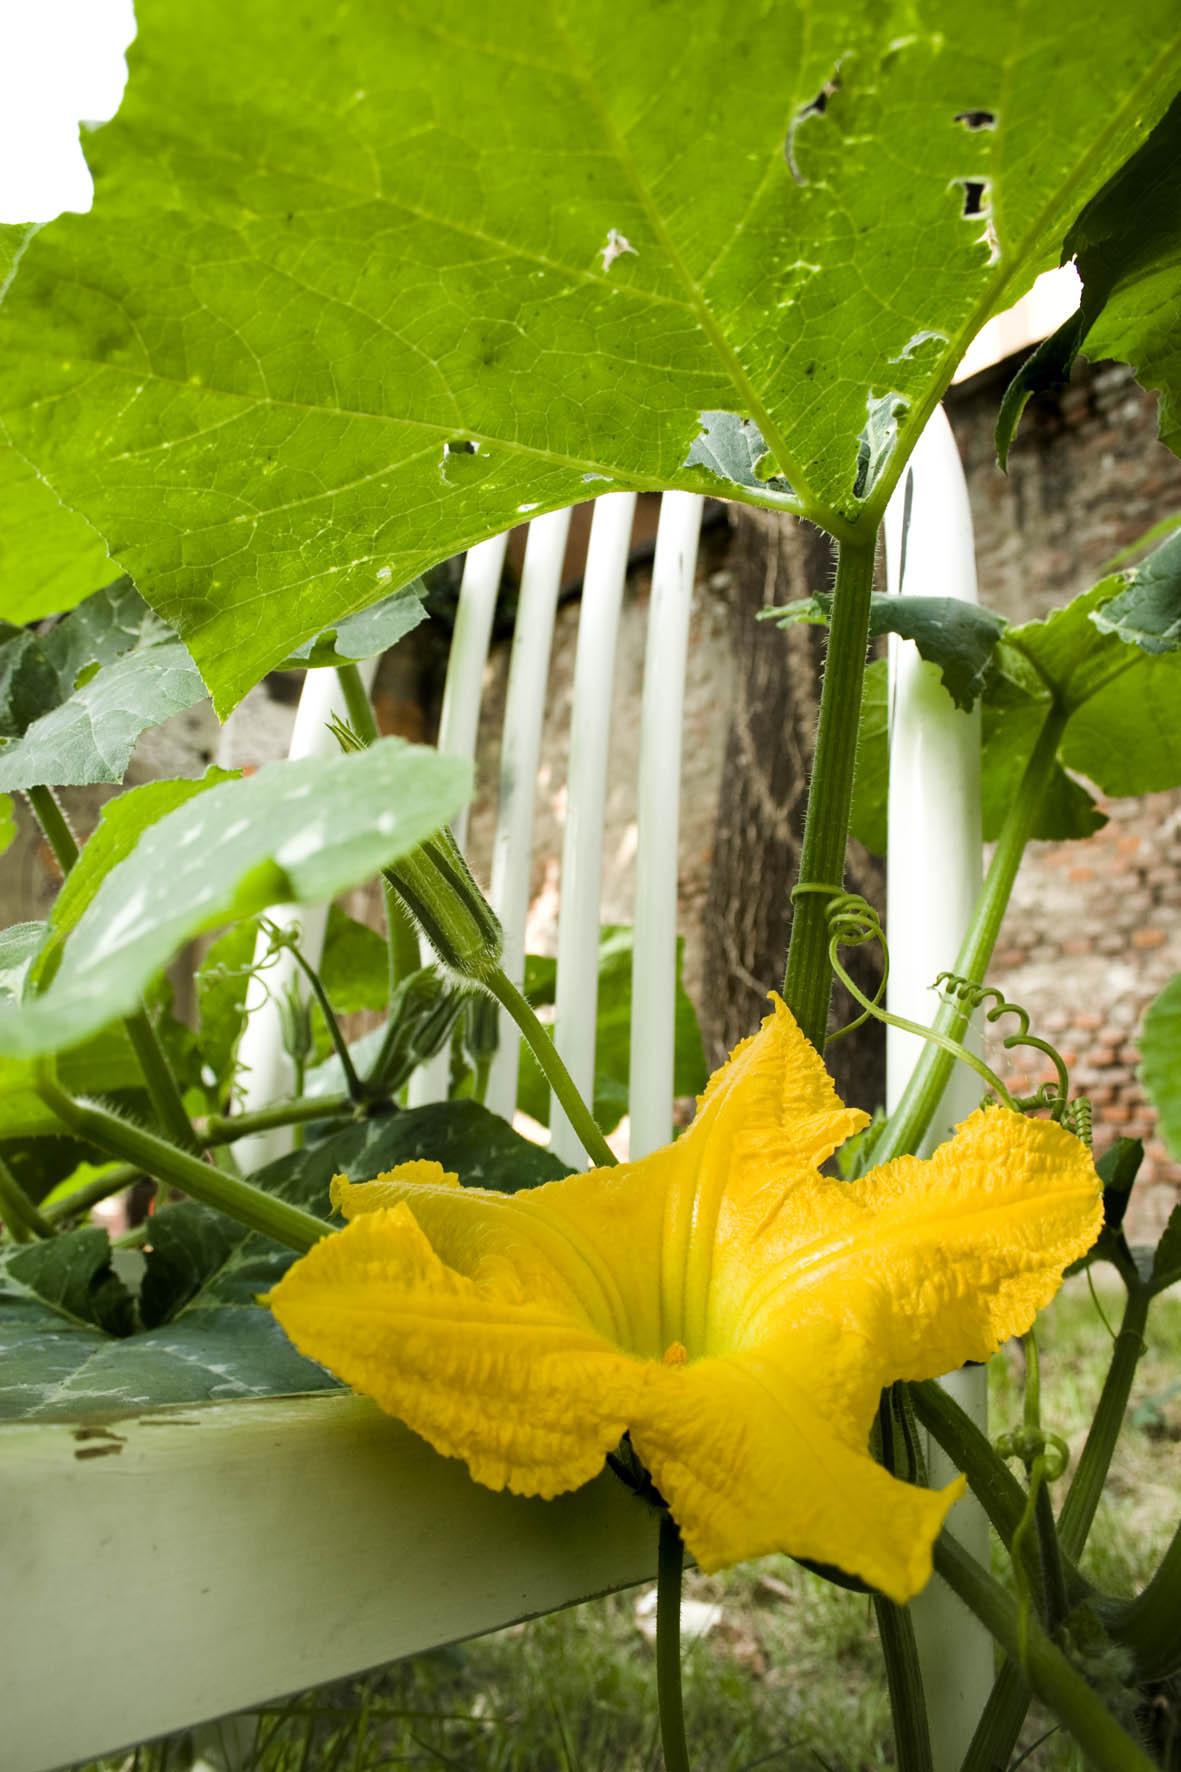 piante e verdure minacciose che molestano cose e persone